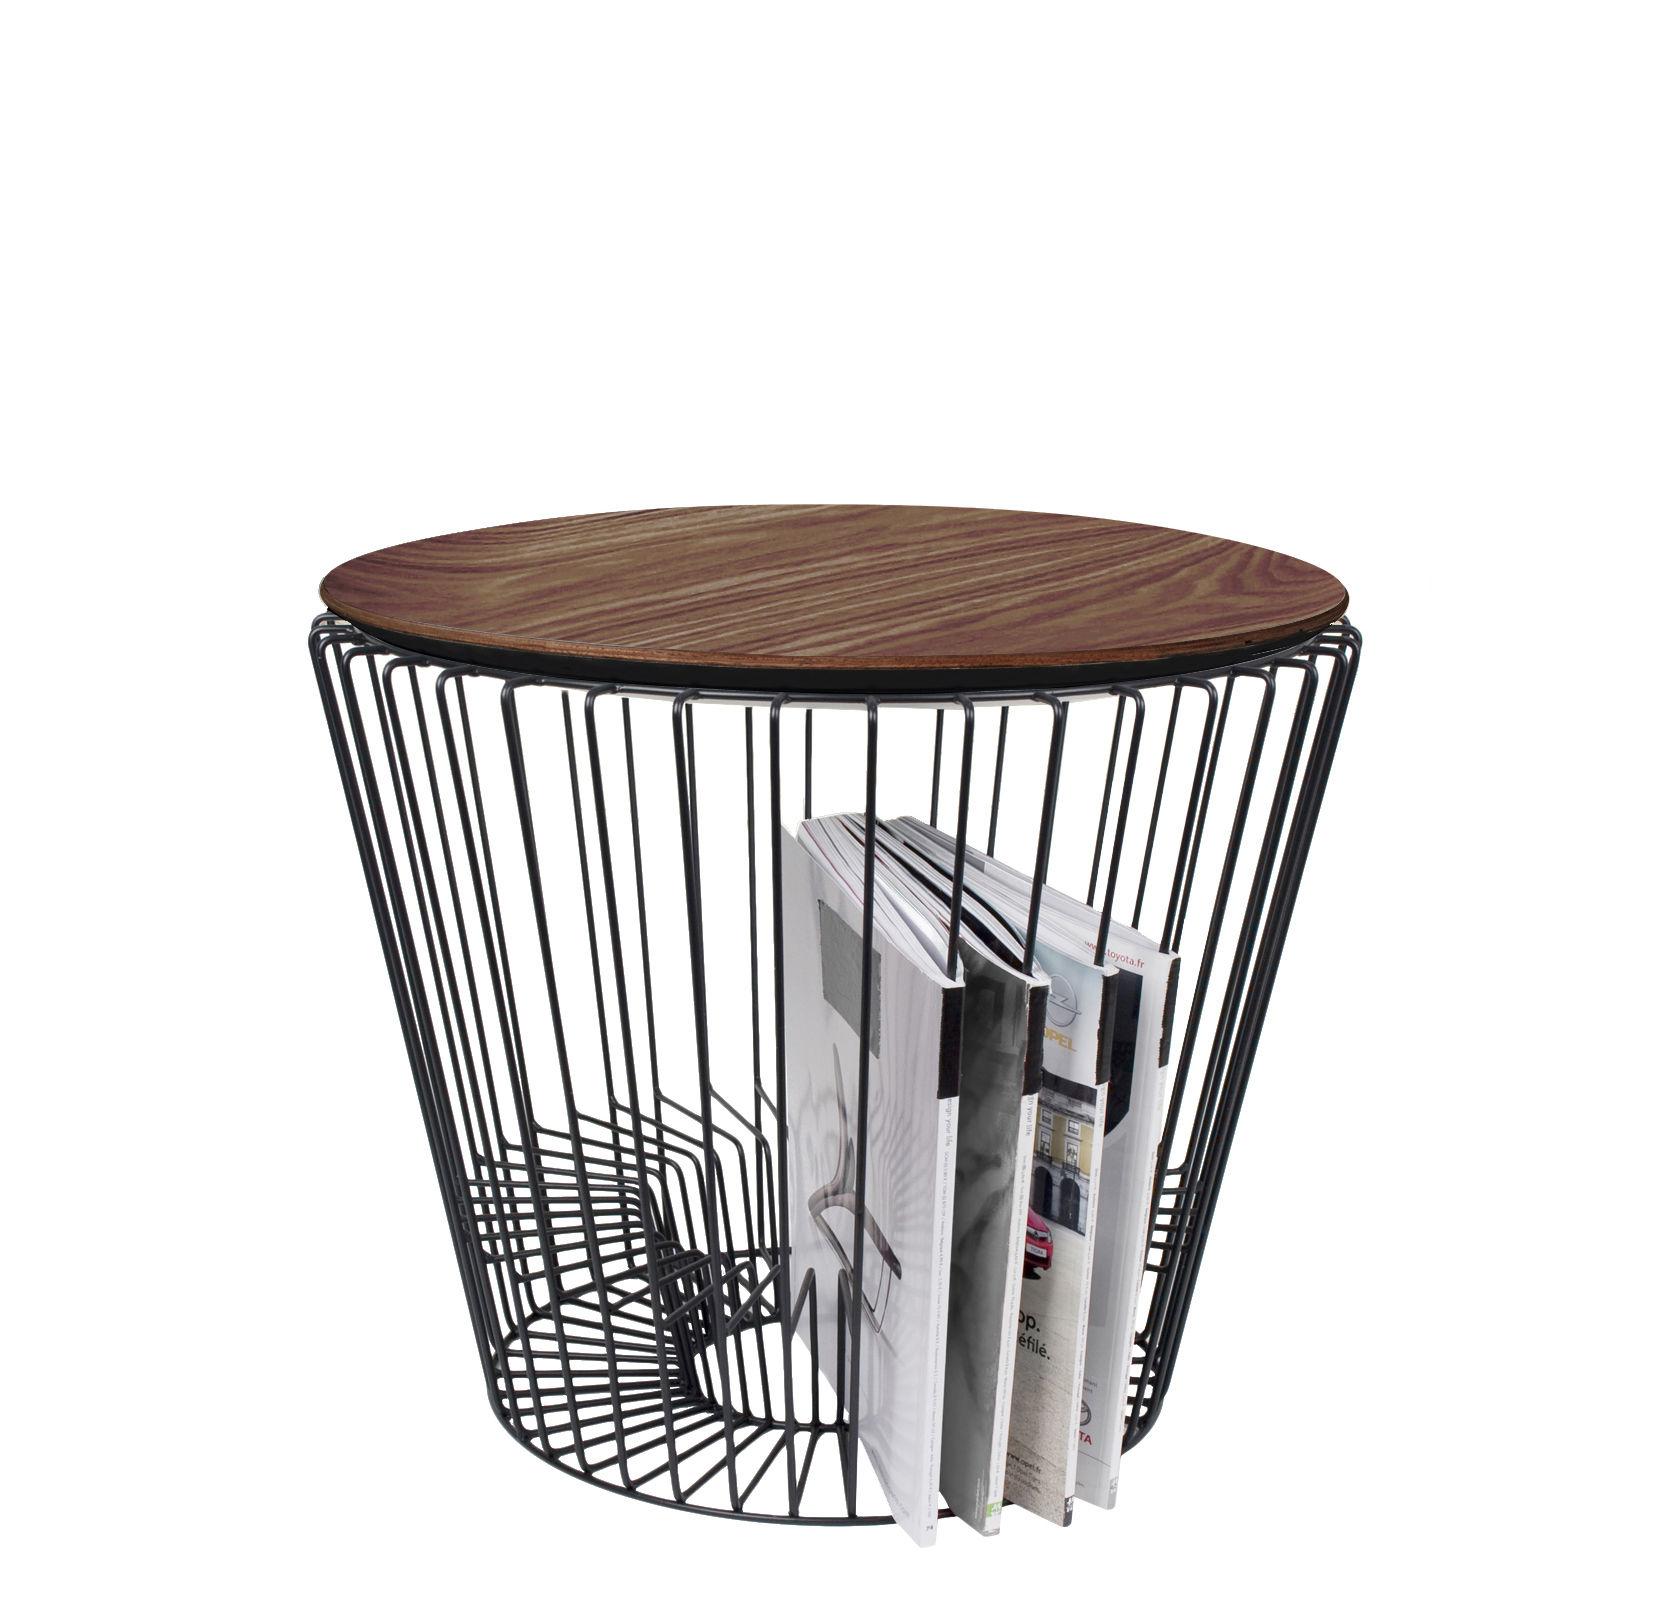 Mobilier - Tables basses - Table d'appoint Ernest / Porte-revues - Ø 50 x H 40 cm - Hartô - Noir & noyer - Contreplaqué, Métal laqué